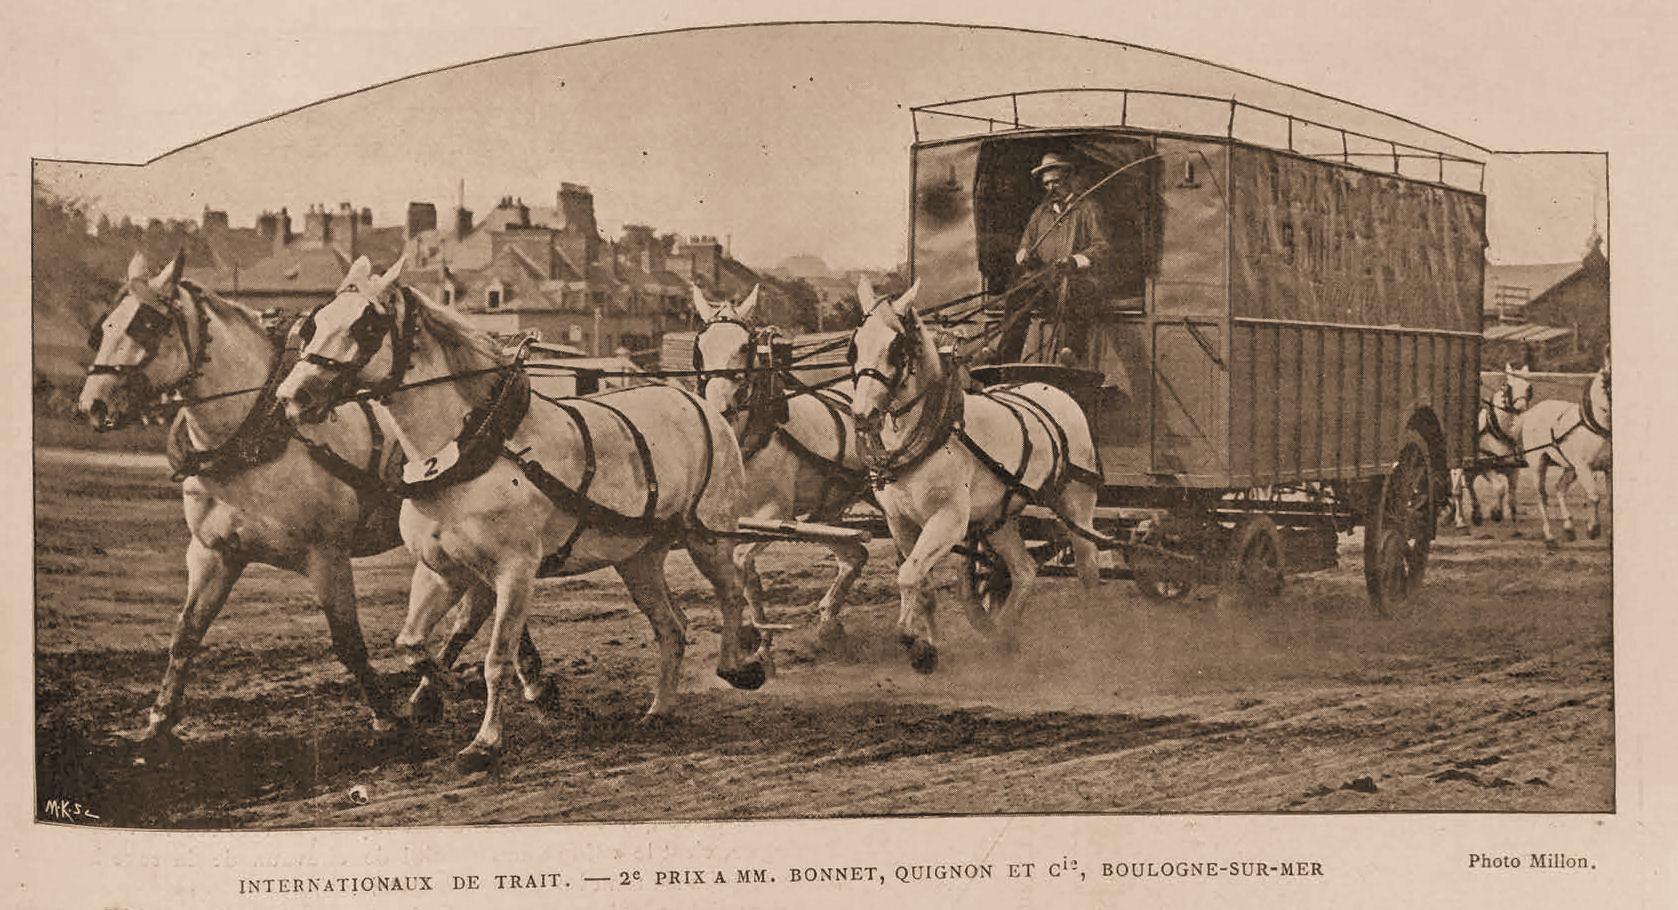 Le concours hippique de Boulogne sur mer 1901